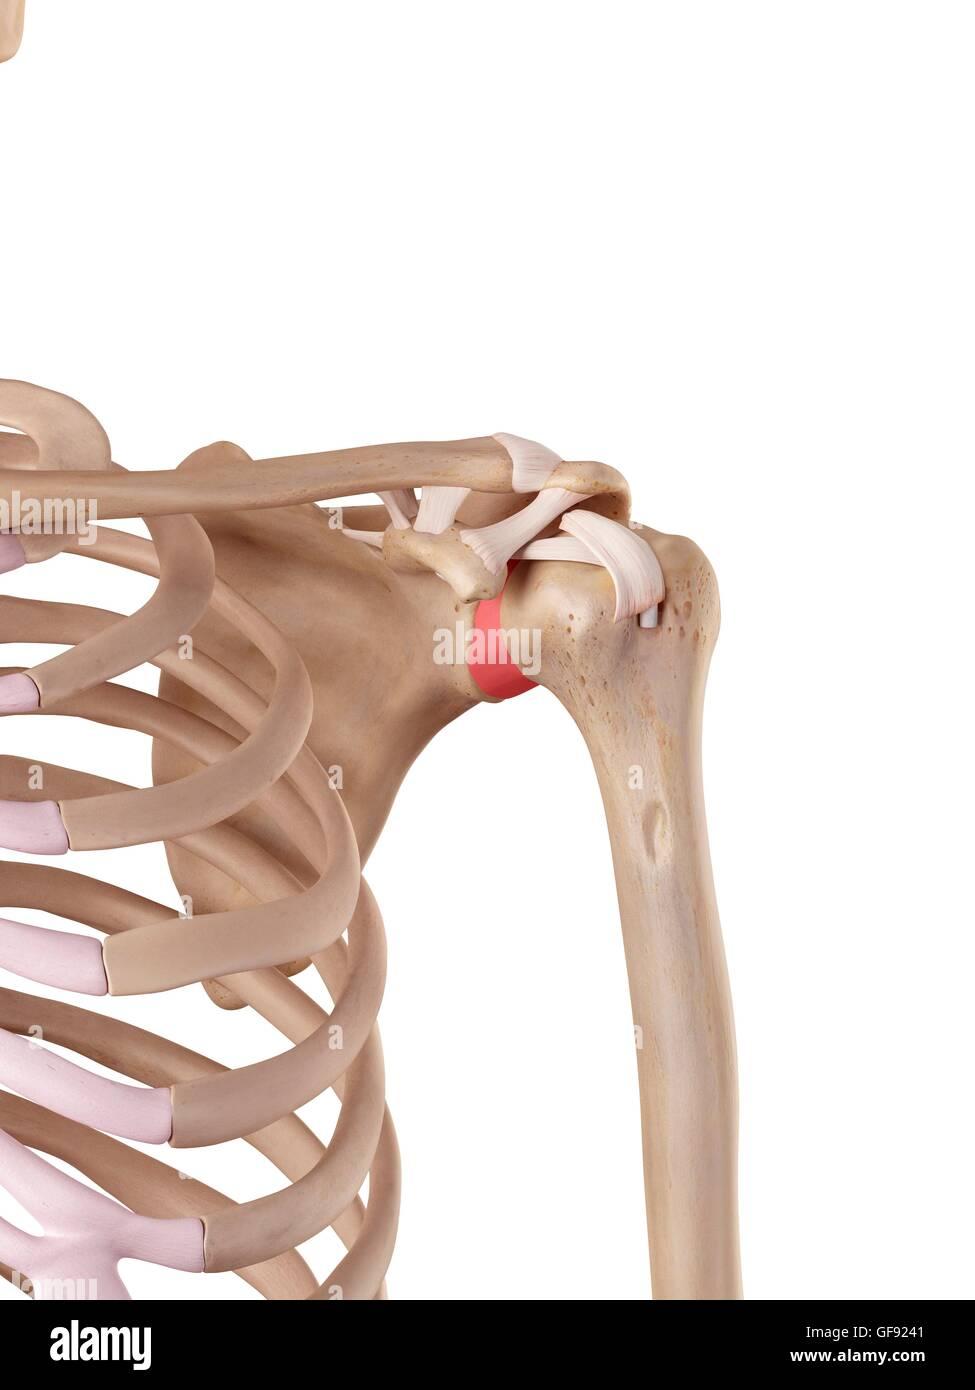 Human Shoulder Ligaments Illustration Stock Photos & Human Shoulder ...